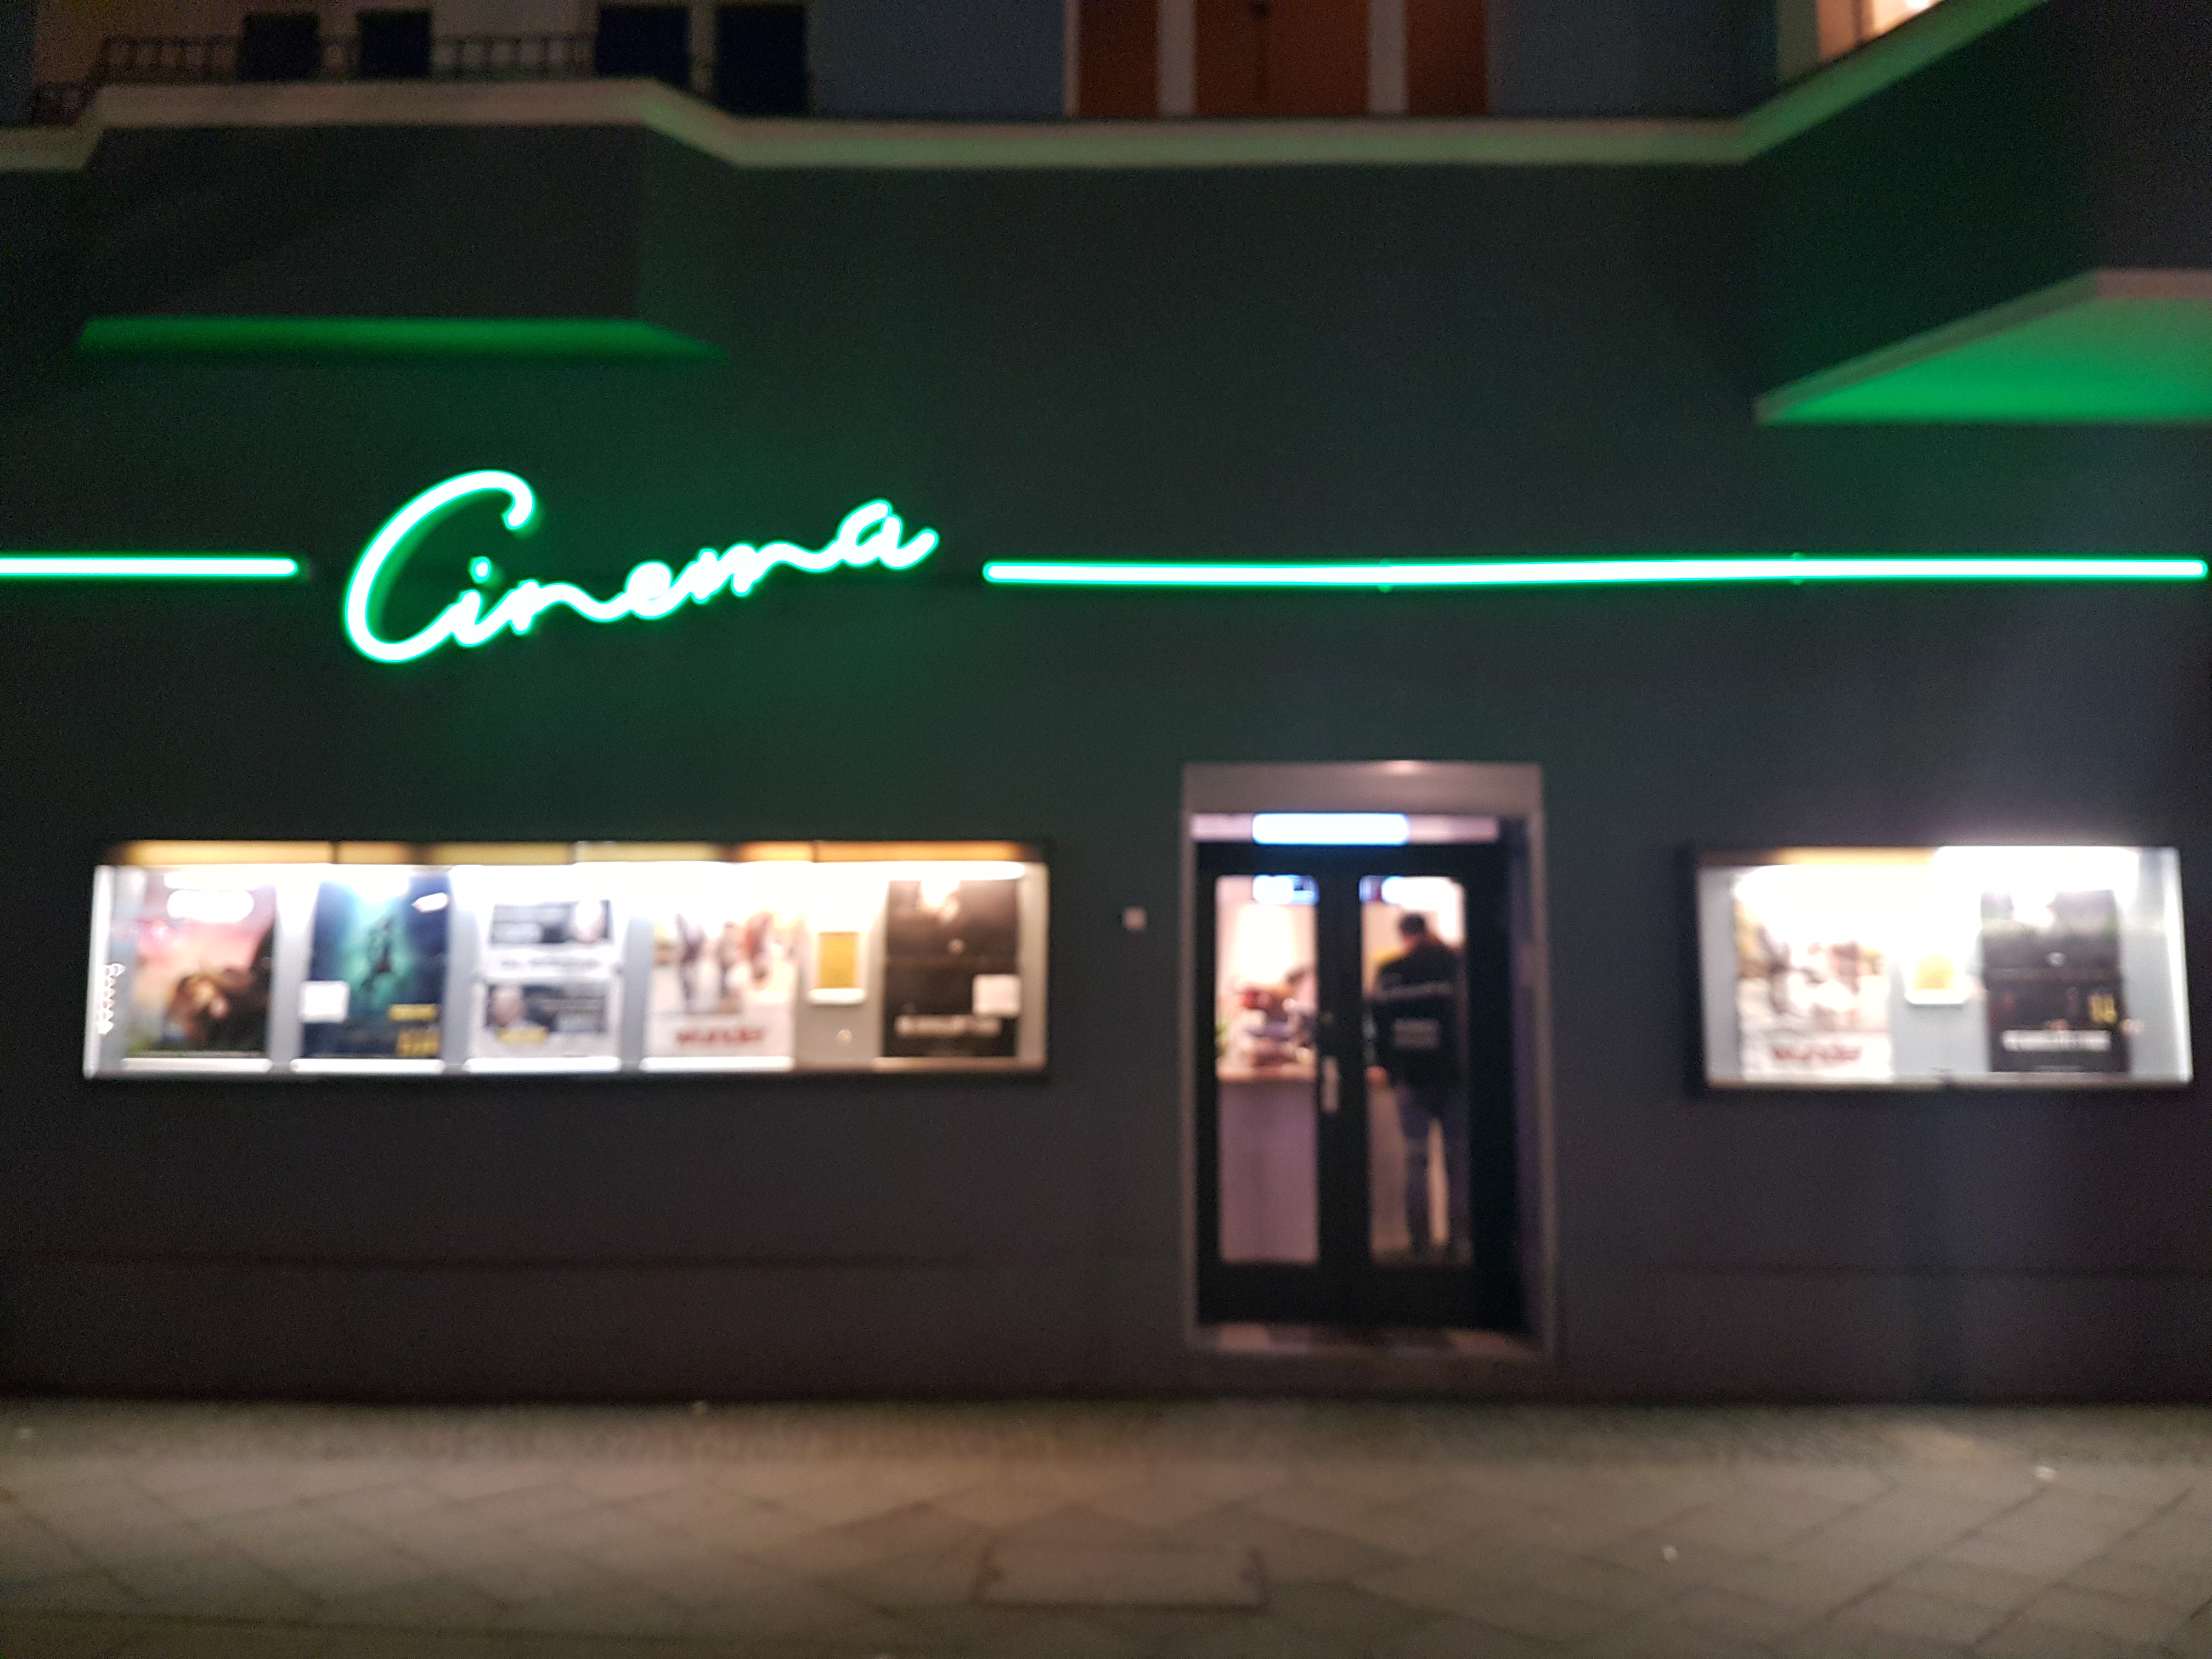 Cinema an der Bundesallee 111. Foto: Ulrich Horb